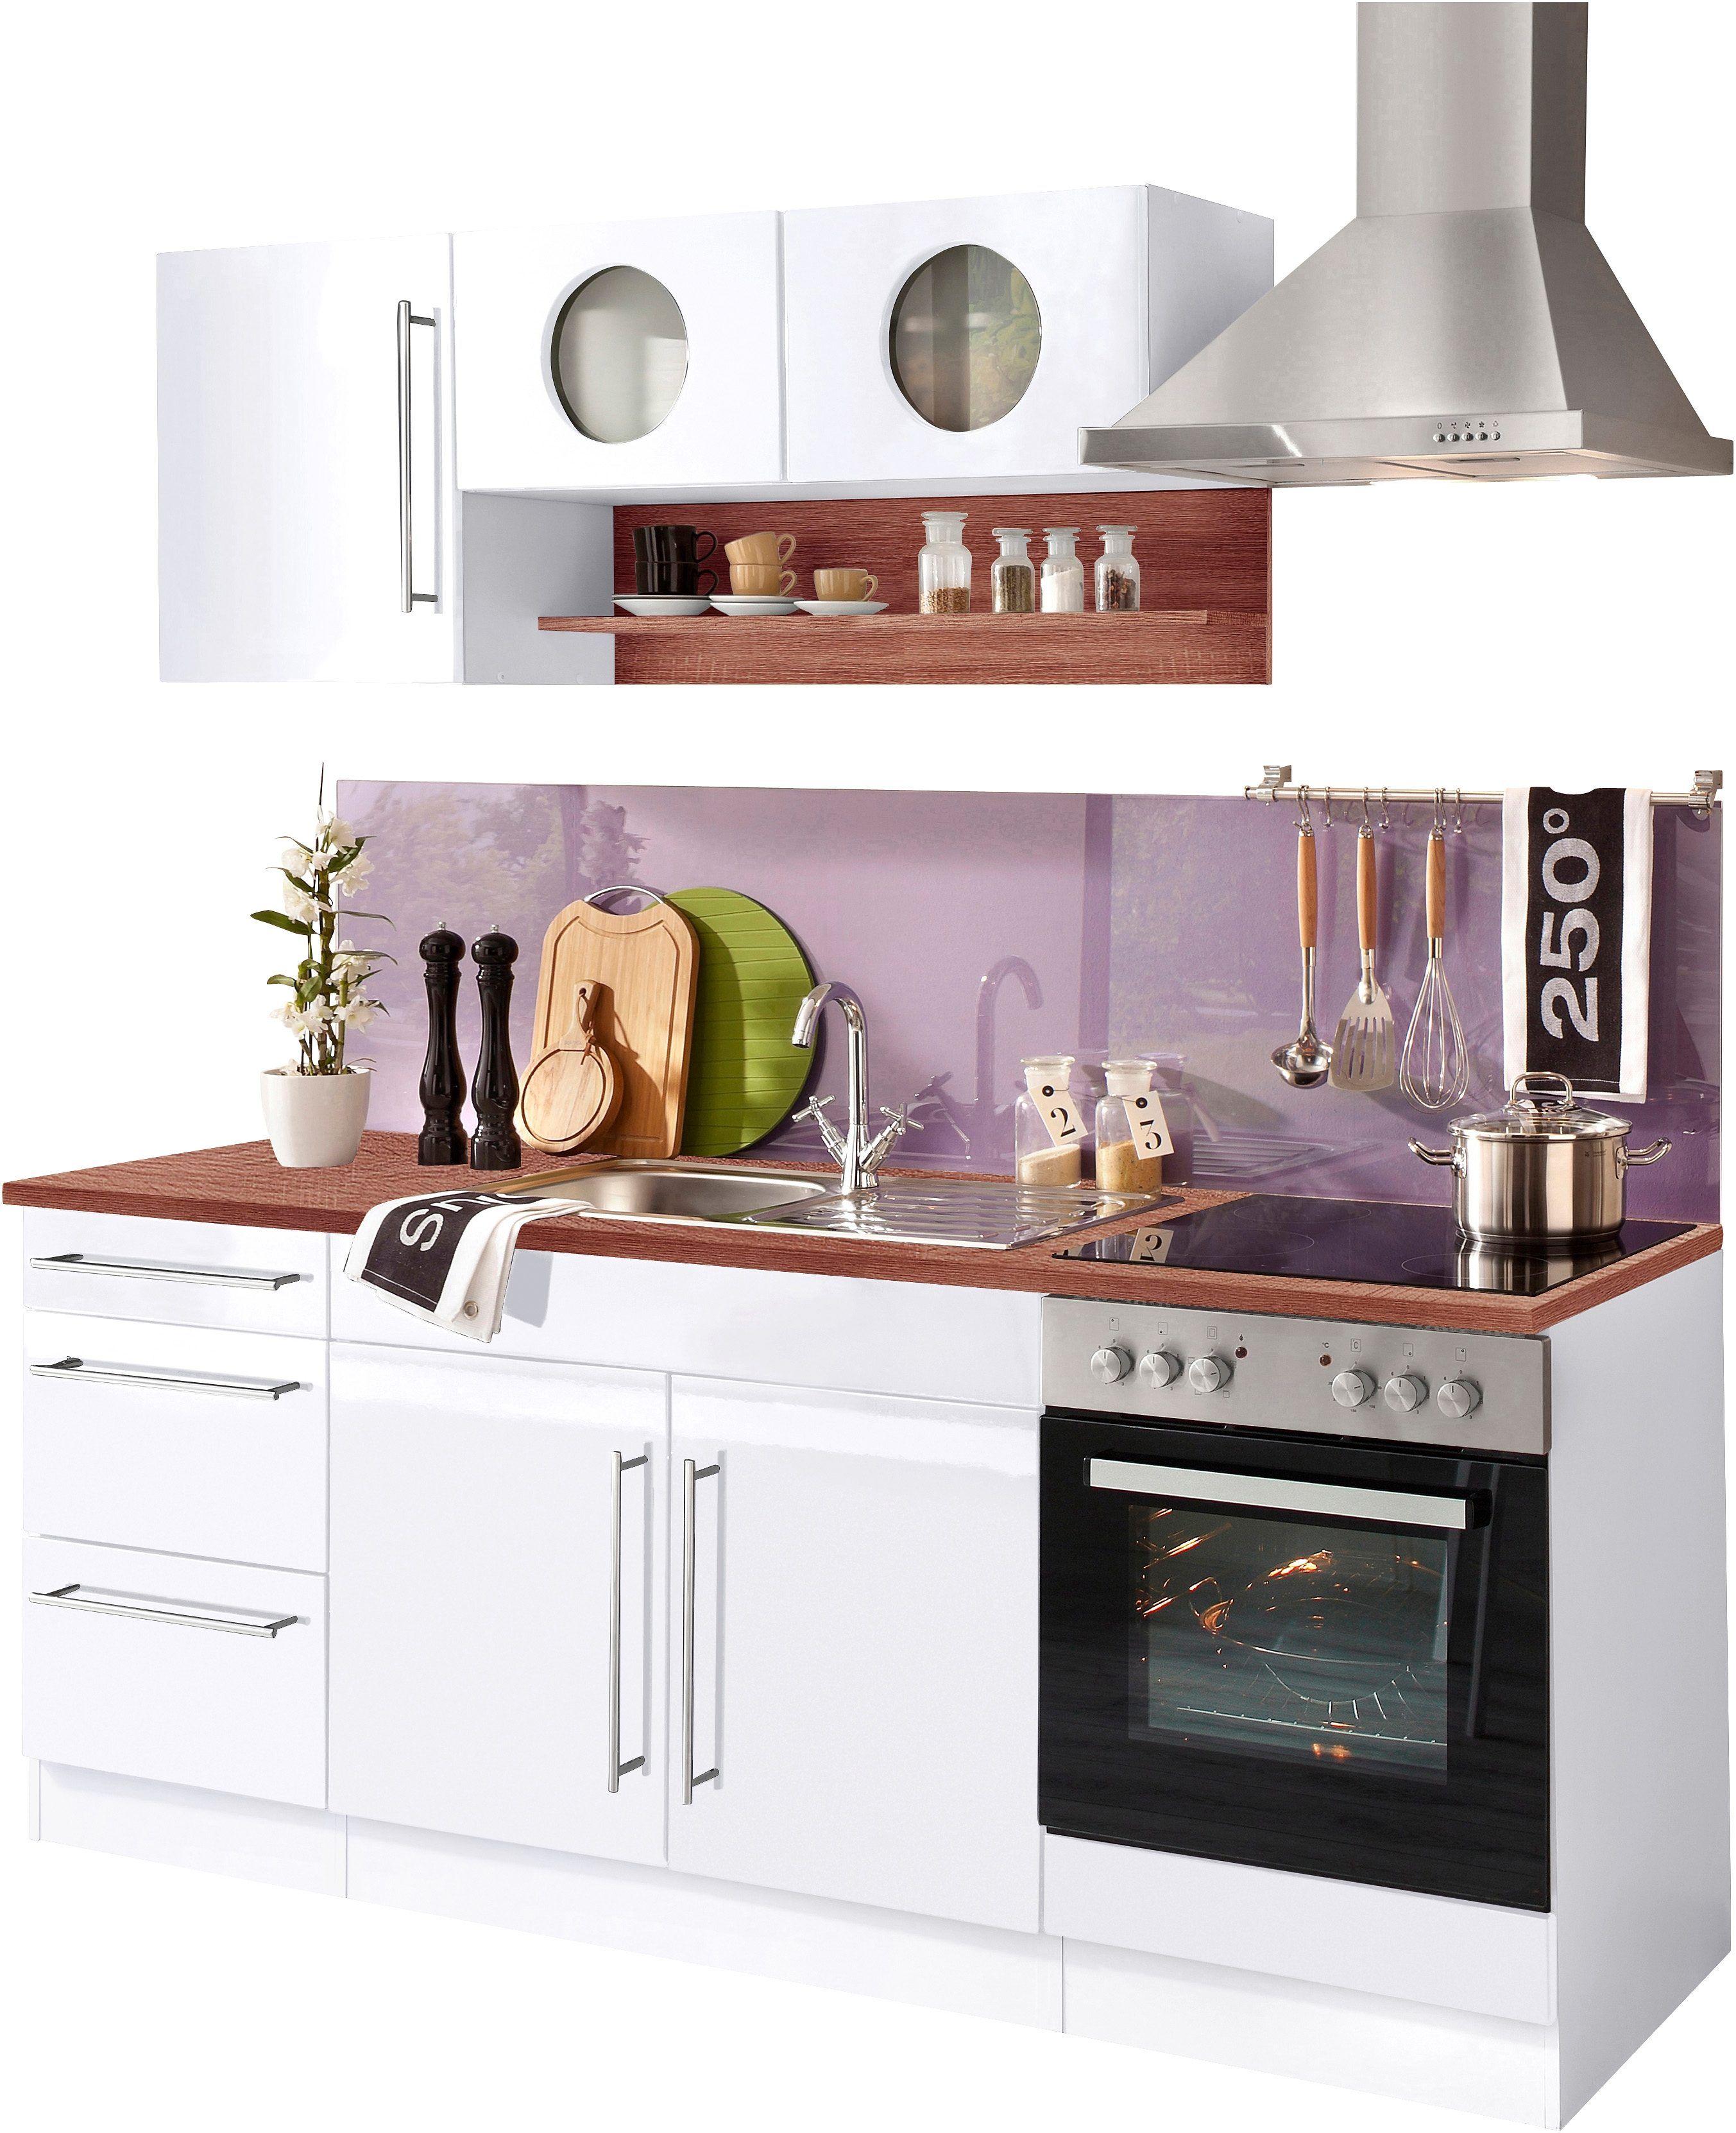 Held MÖbel Küchenzeile Keitum Von Baur Held Möbel Schrank Küche Küchenprodukte